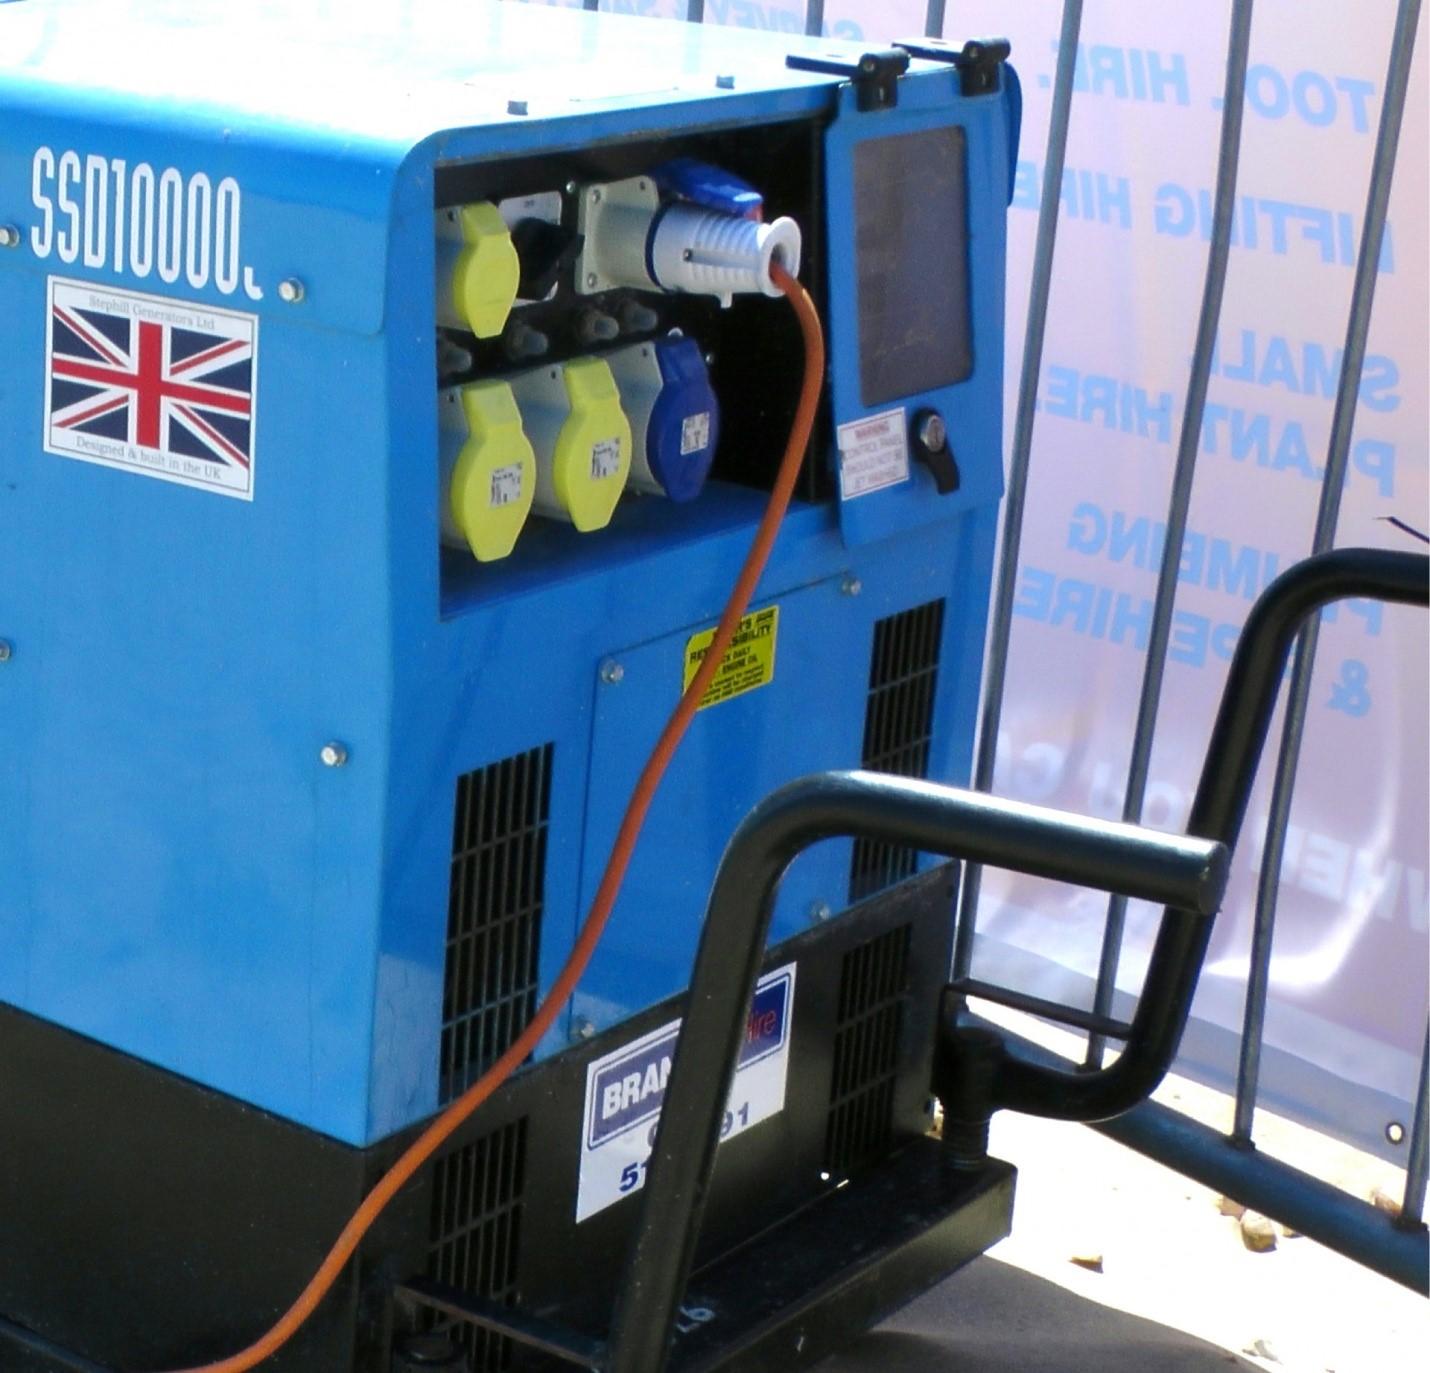 How to quieten noisy generators